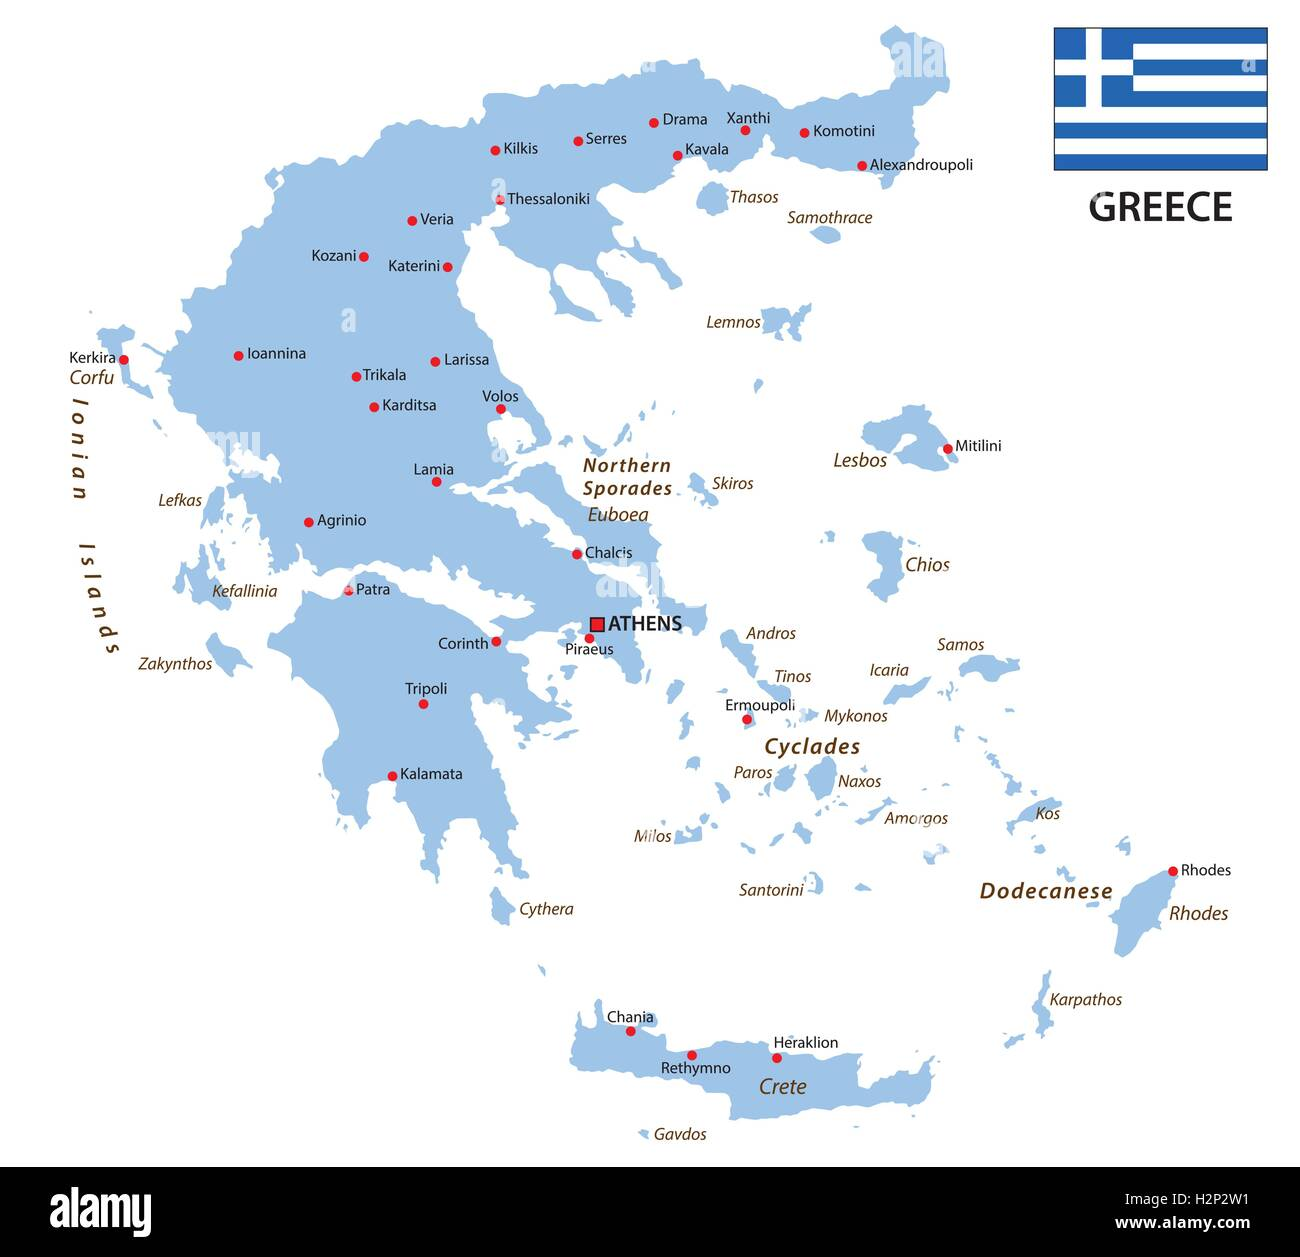 Greece Map Stock Photos Greece Map Stock Images Alamy